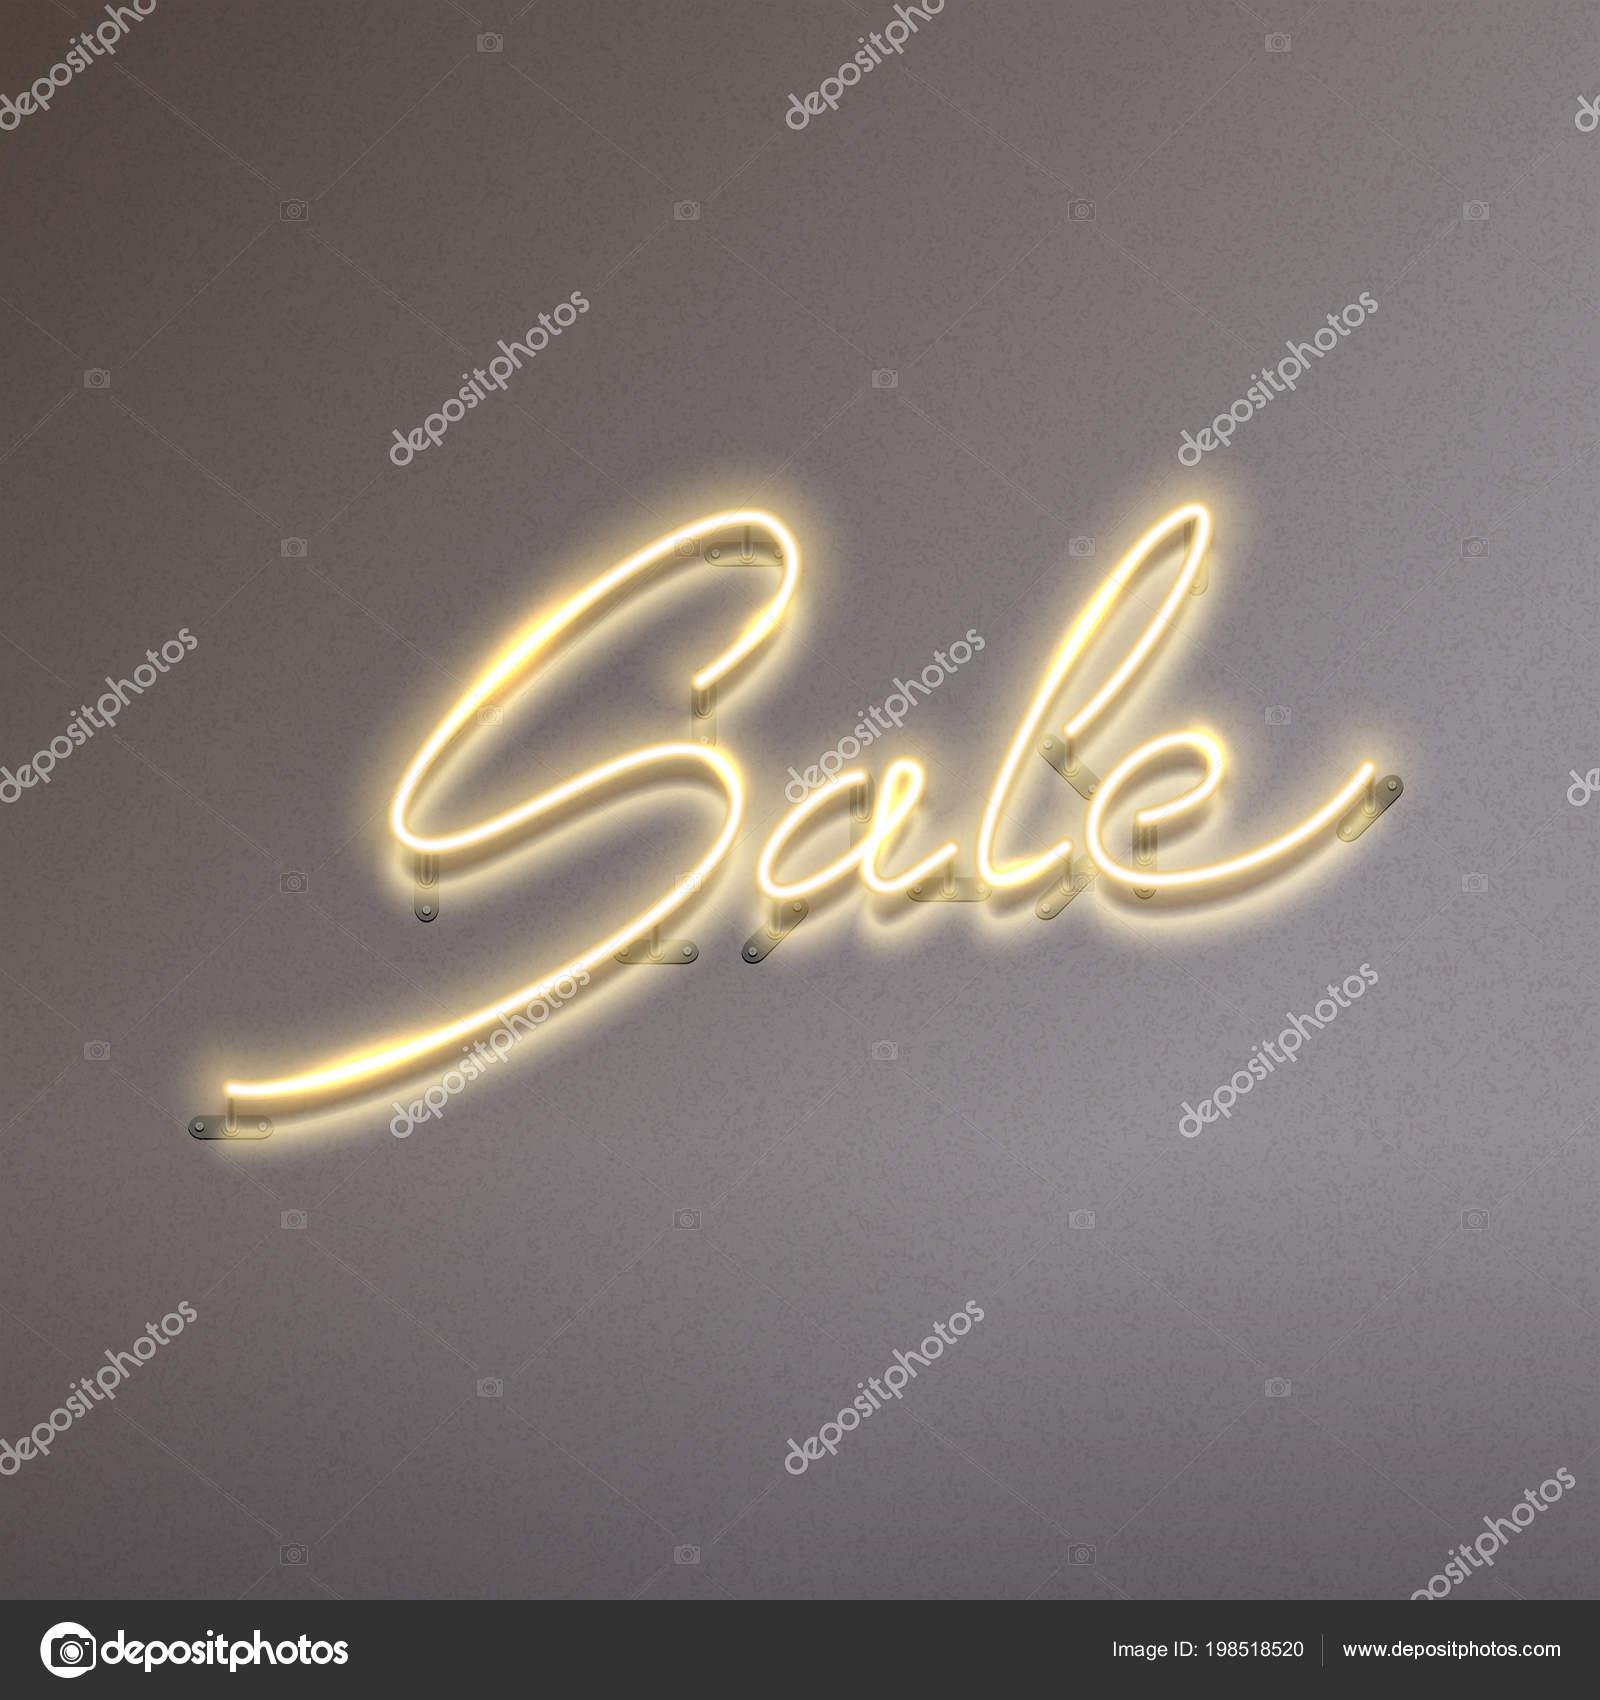 Sale glowing neon sign on dark background